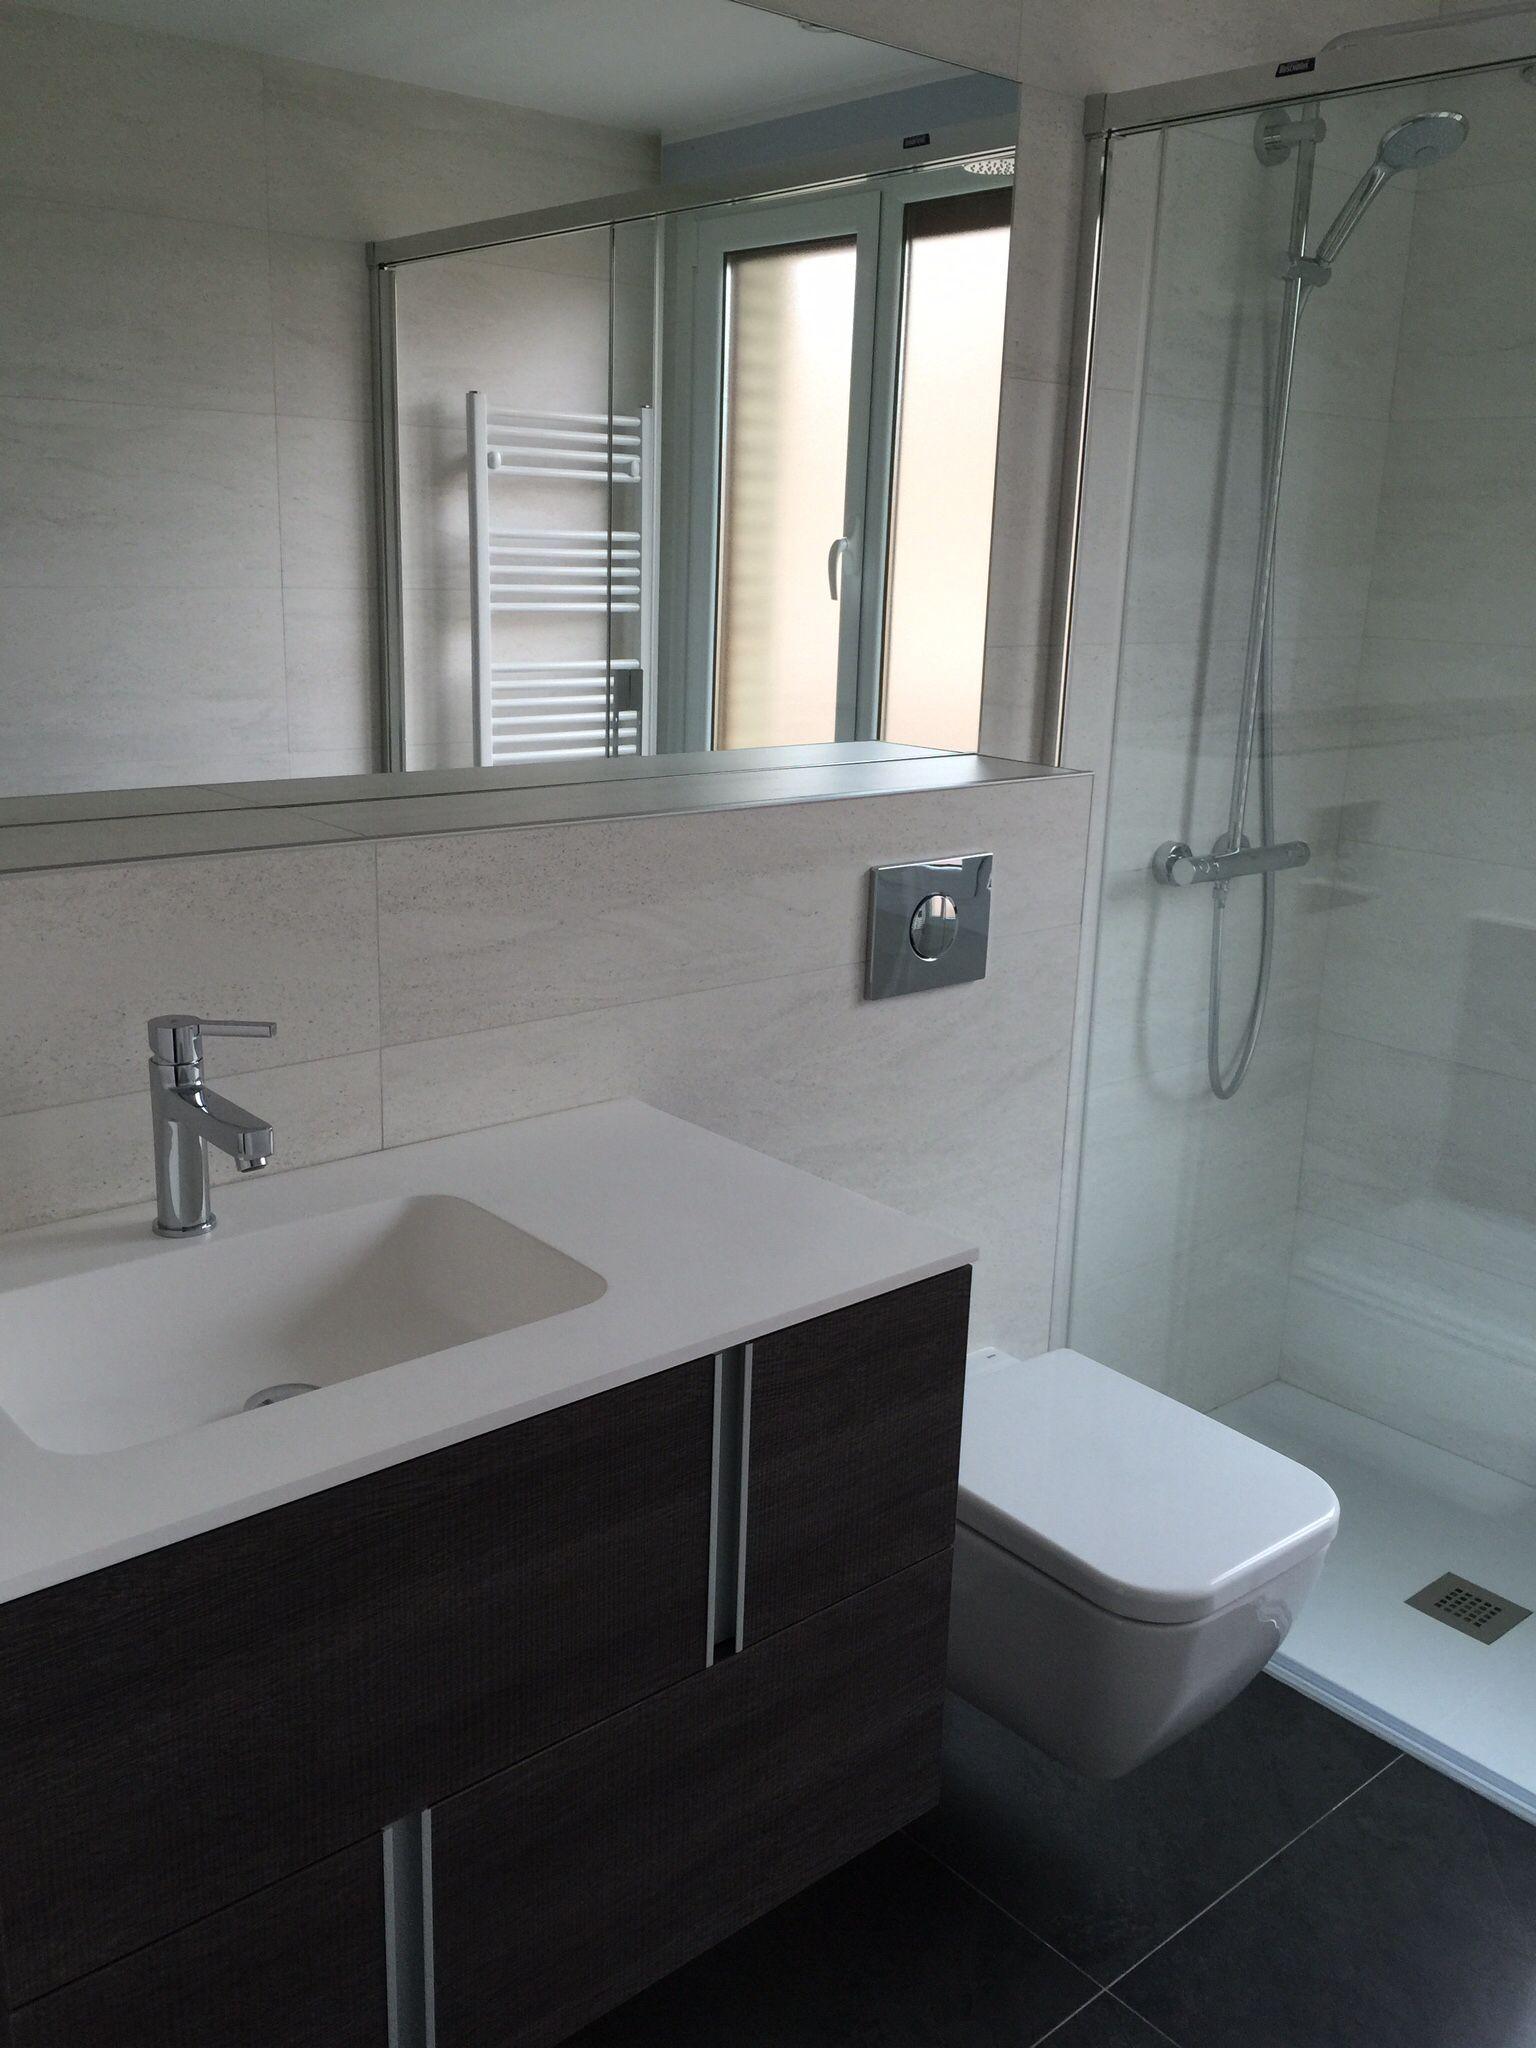 Vpshareyourstyle Daniel From London Uses Neutral Colours: KREA Reformas Baño Con Inodoro Suspendido Y Repisa Corrida